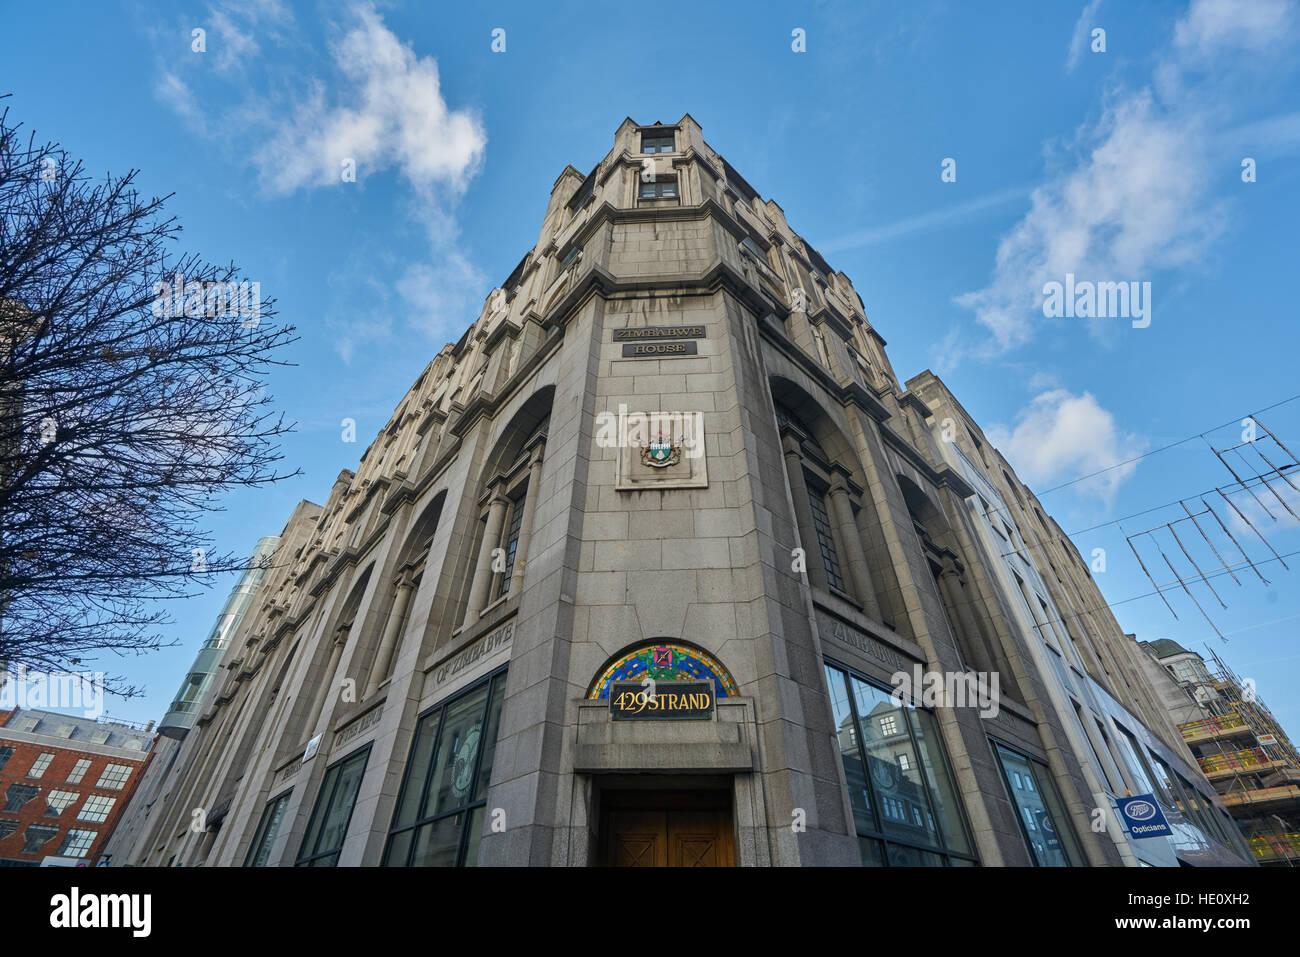 Ambasciata dello Zimbabwe, Londra Immagini Stock